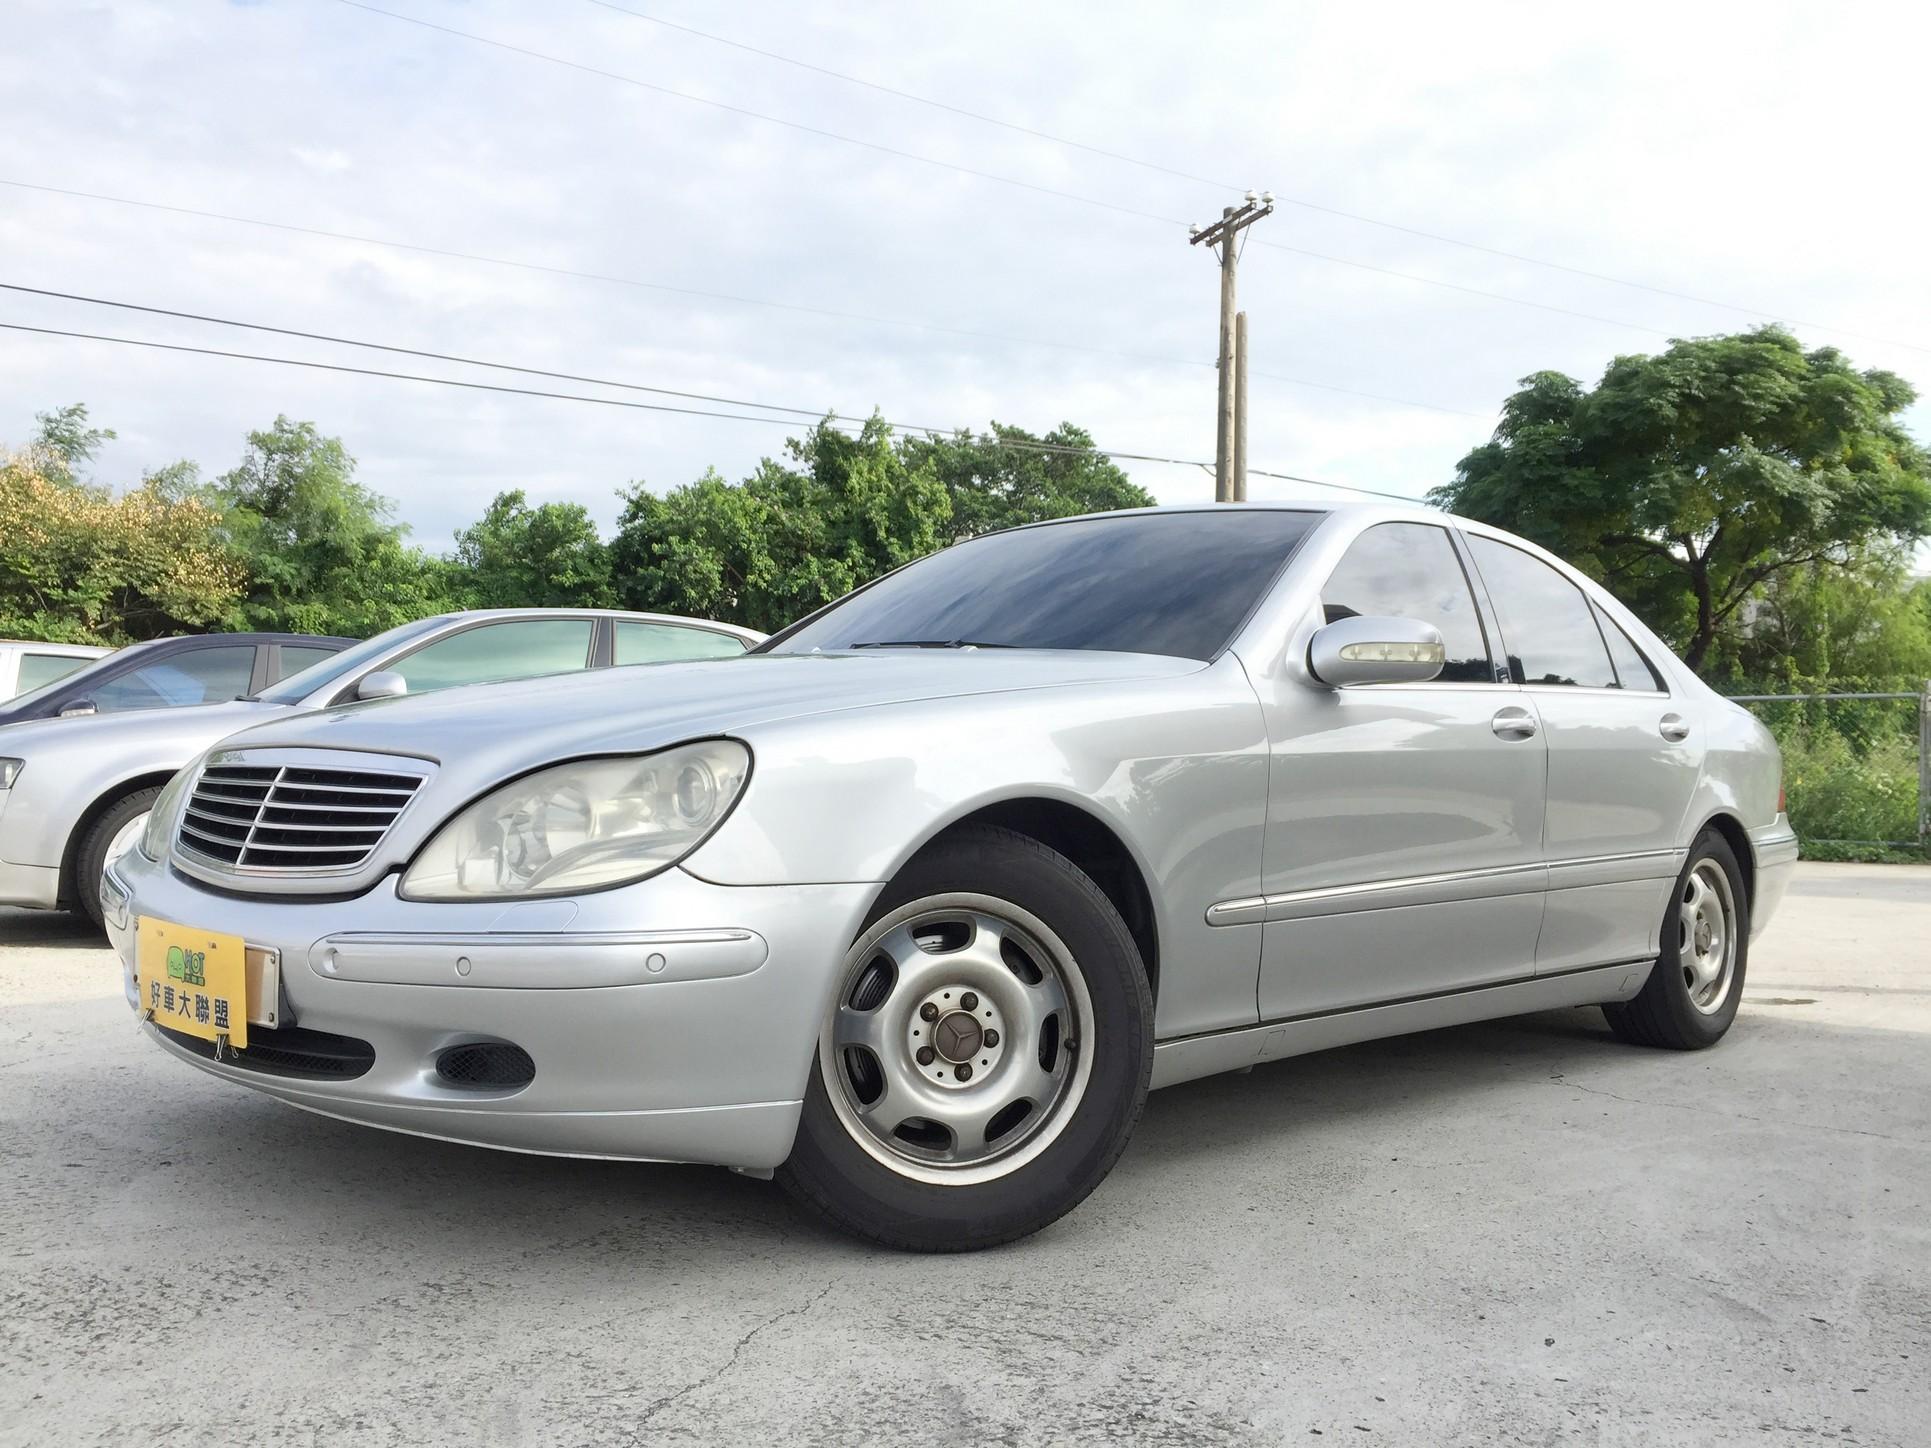 2001 M-Benz 賓士 其他